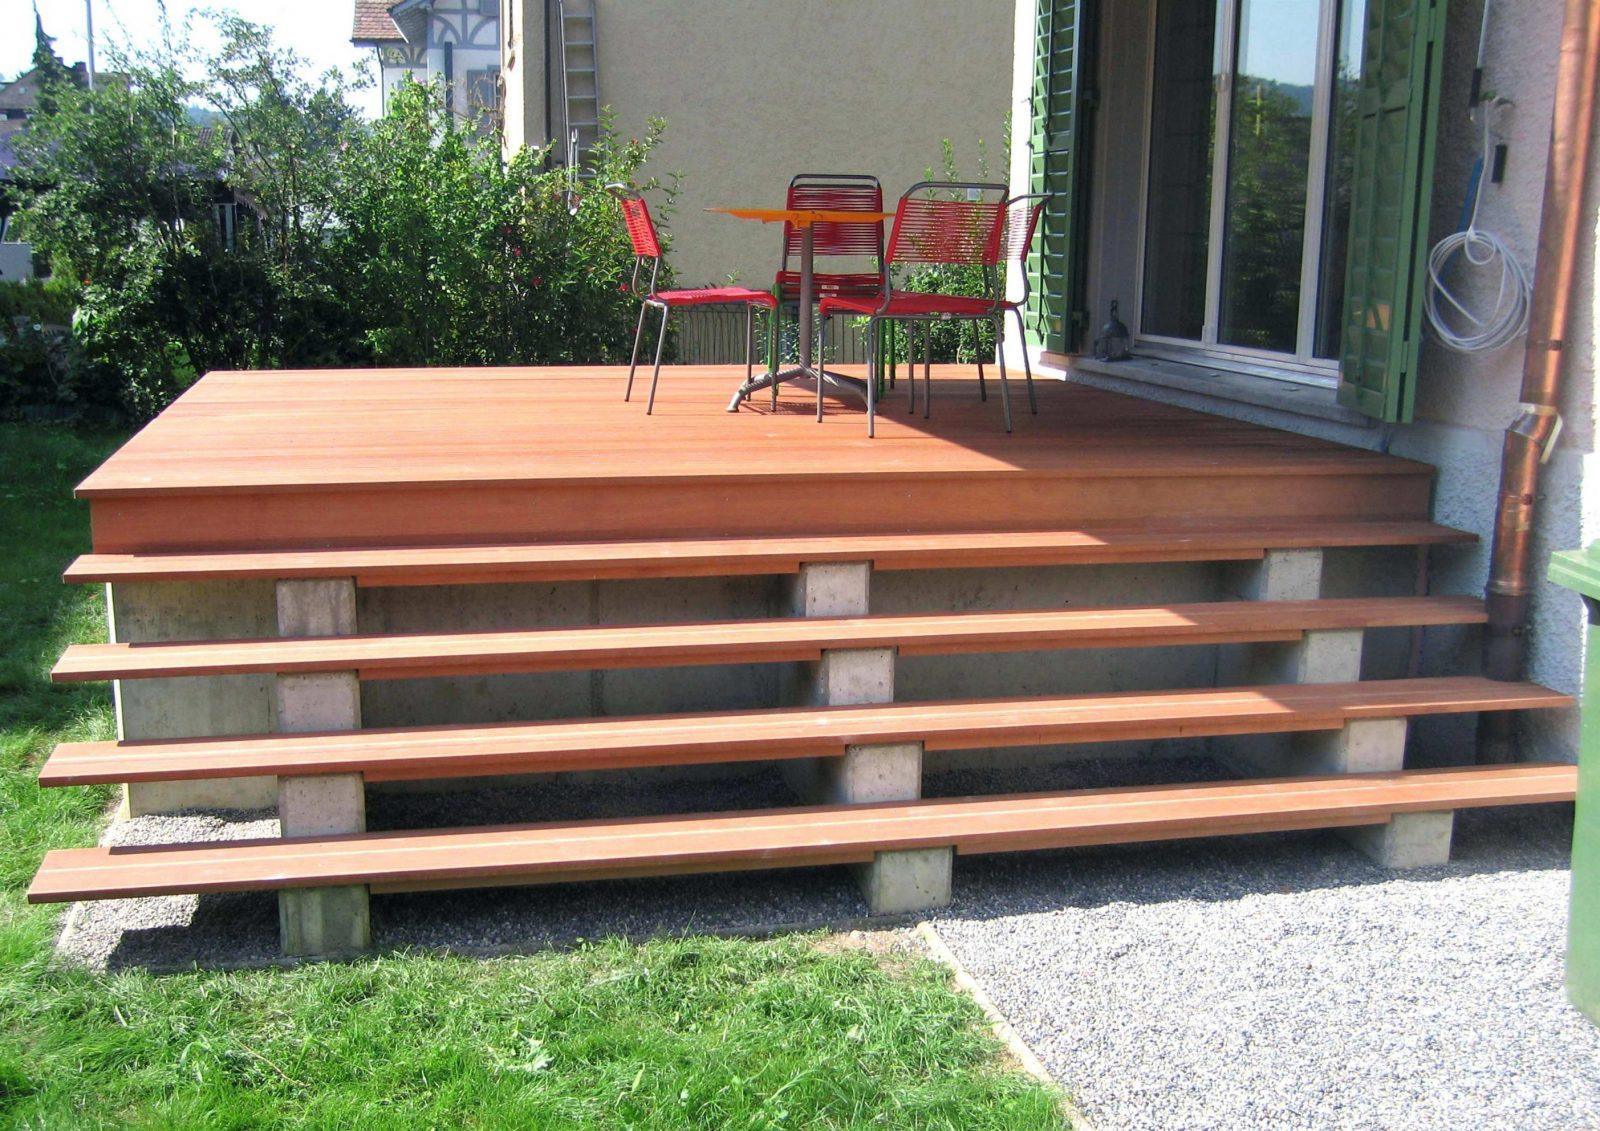 21 Angenehm Galerie Bilder Von Außentreppe Holz Mit Podest von Terrassen Treppen Selber Bauen Photo